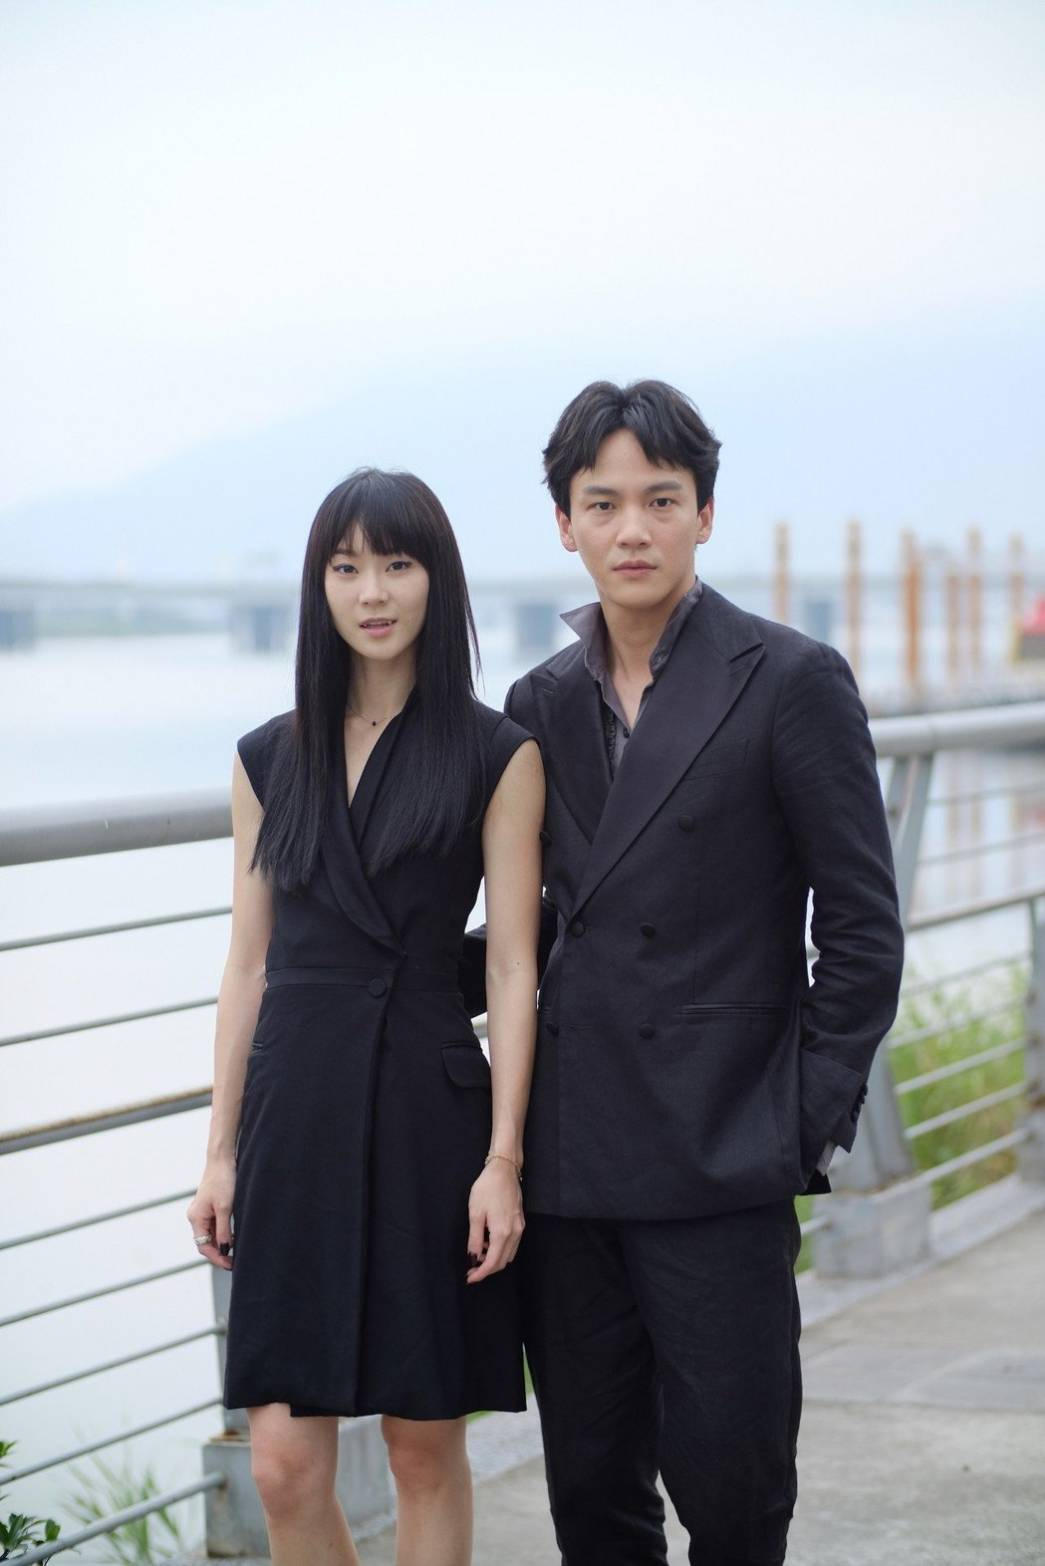 鍾瑶、曹晏豪合作電影疑似假戲真做。圖/光譜映像提供